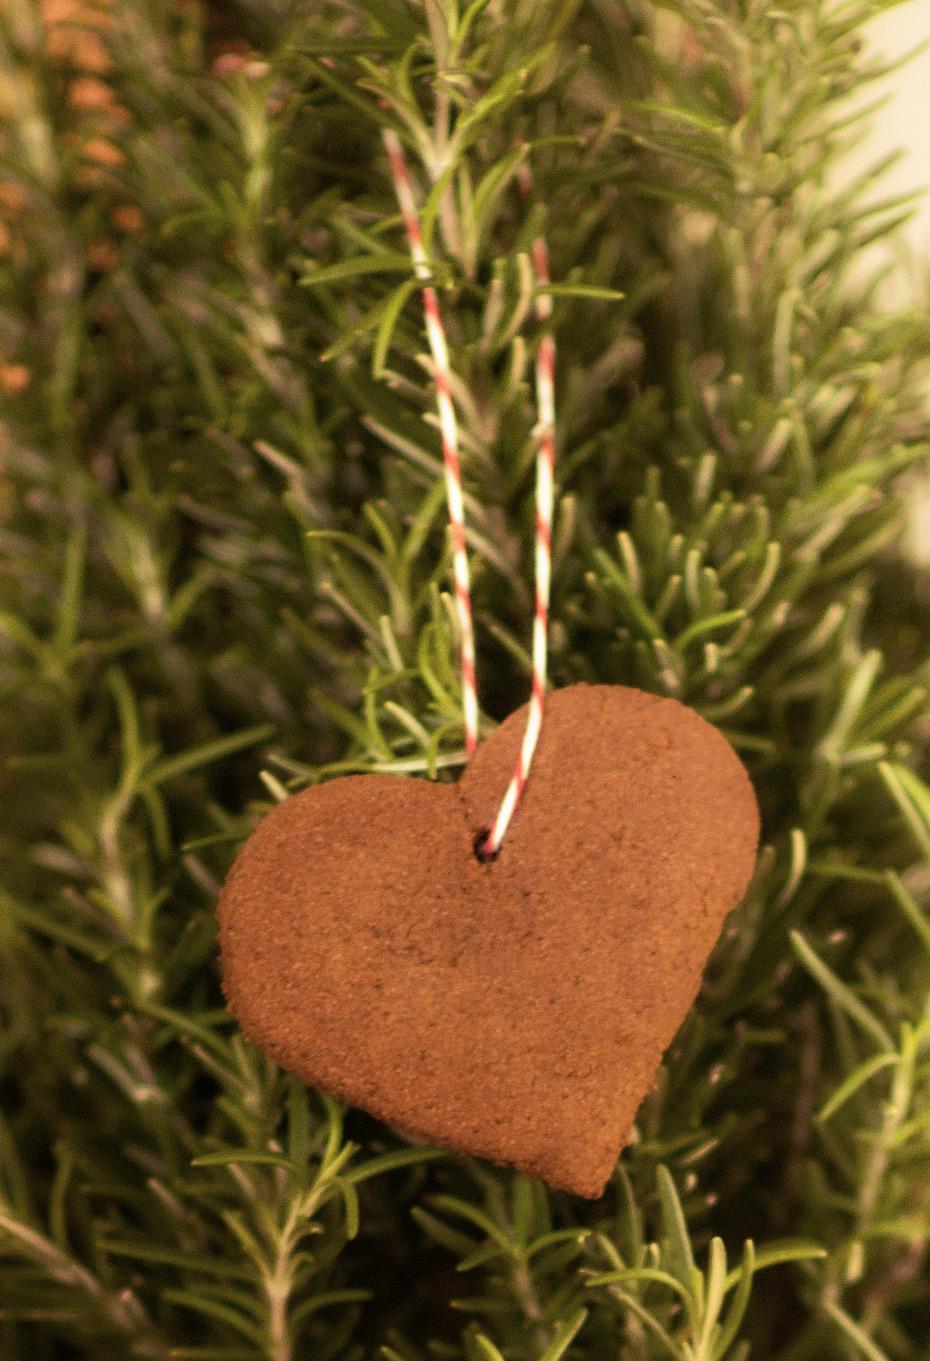 Apple Cinnamon Ornament Craft